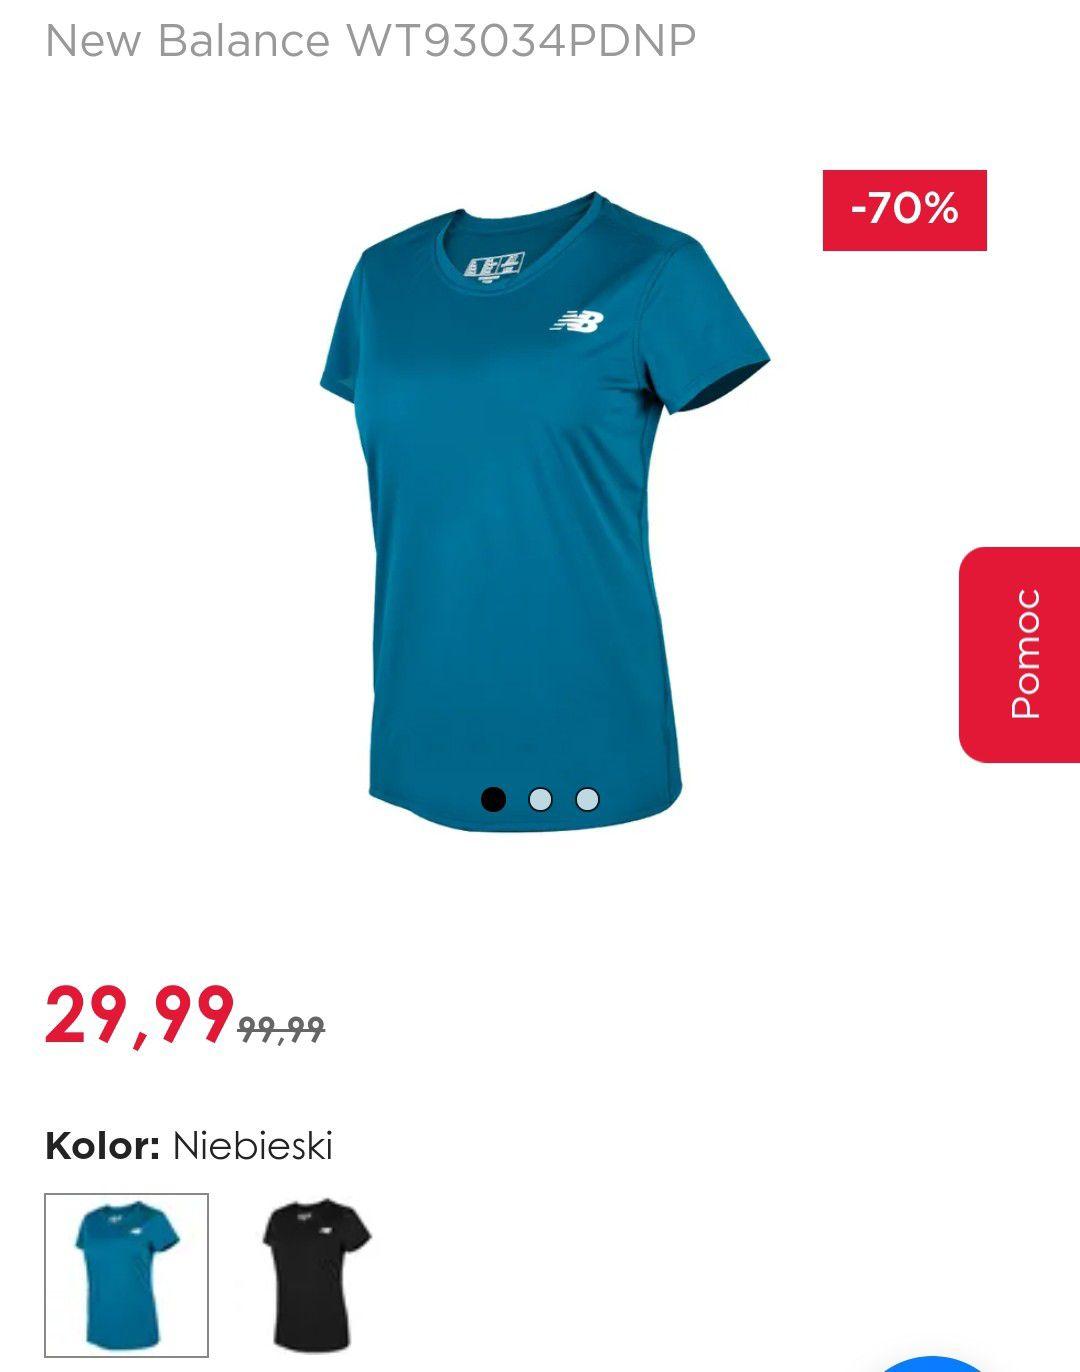 New Balance - damska koszulka do biegania i nie tylko.